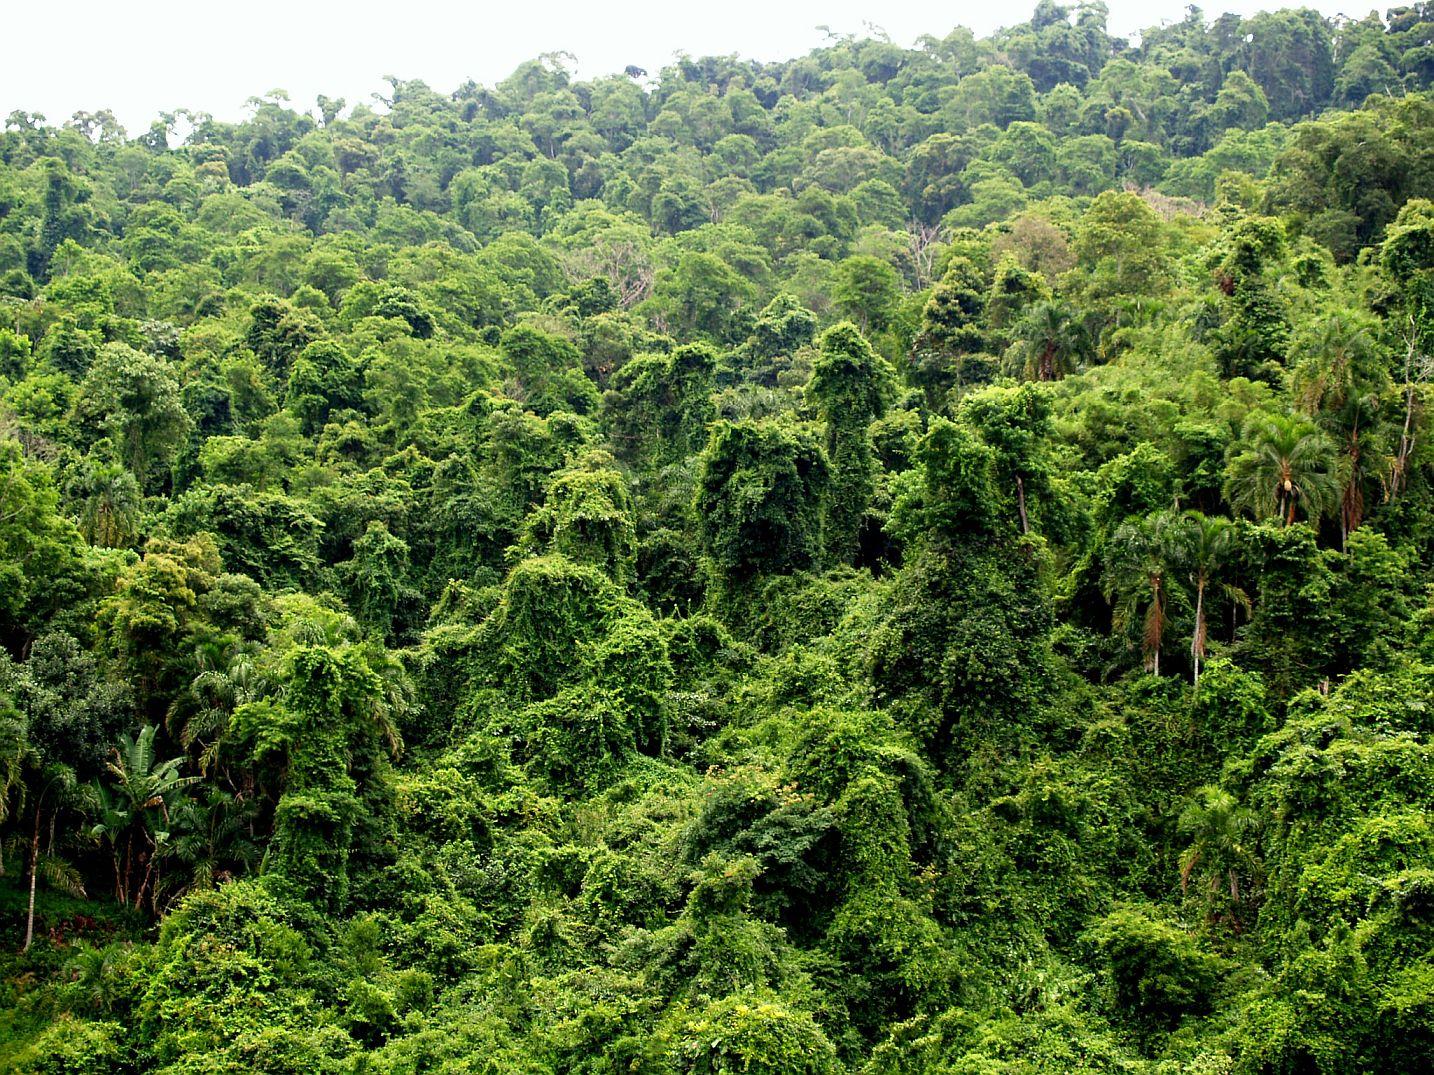 Zdjęcie: Amazonia, gęsto splątane korony drzew w lesie deszczonym, widziane od góry.